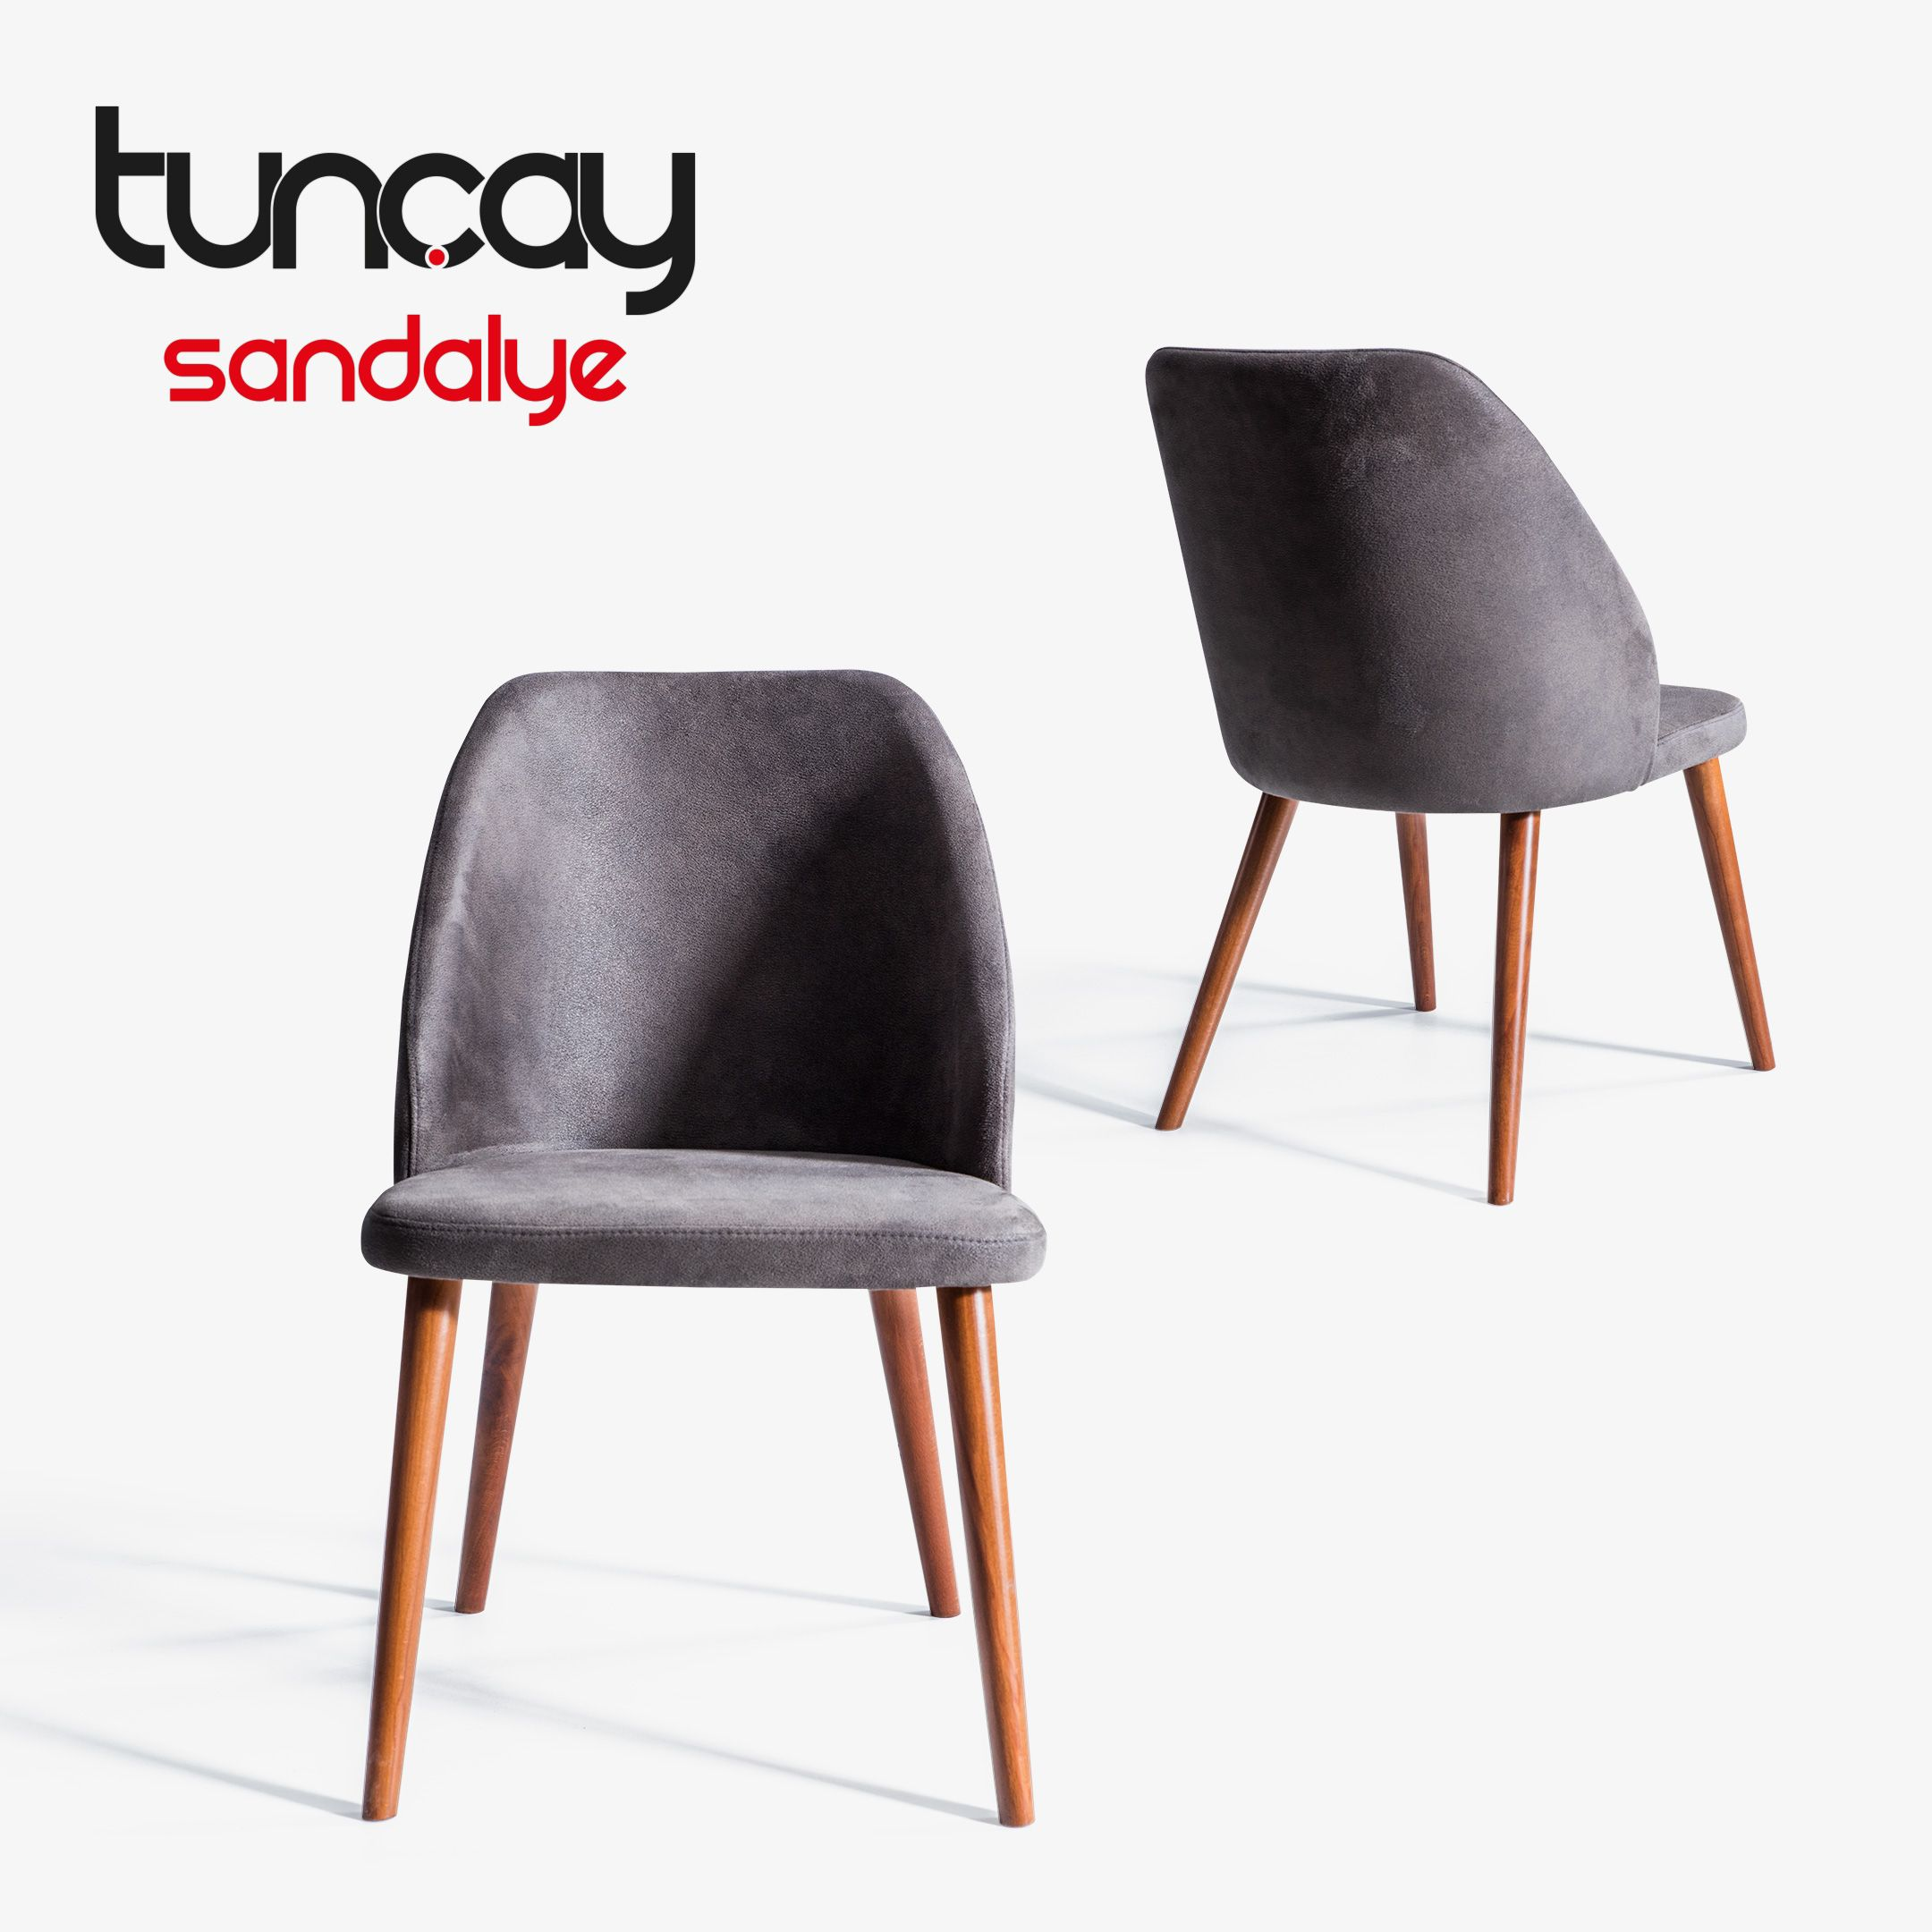 Oregon Furniture Mobilya Chair Sandalye Chairdesign Sandalyetasarim Koltuk Sofadesign Cafe Cafedesign Cafechairs Cafedek Sandalye Mobilya Tasarim